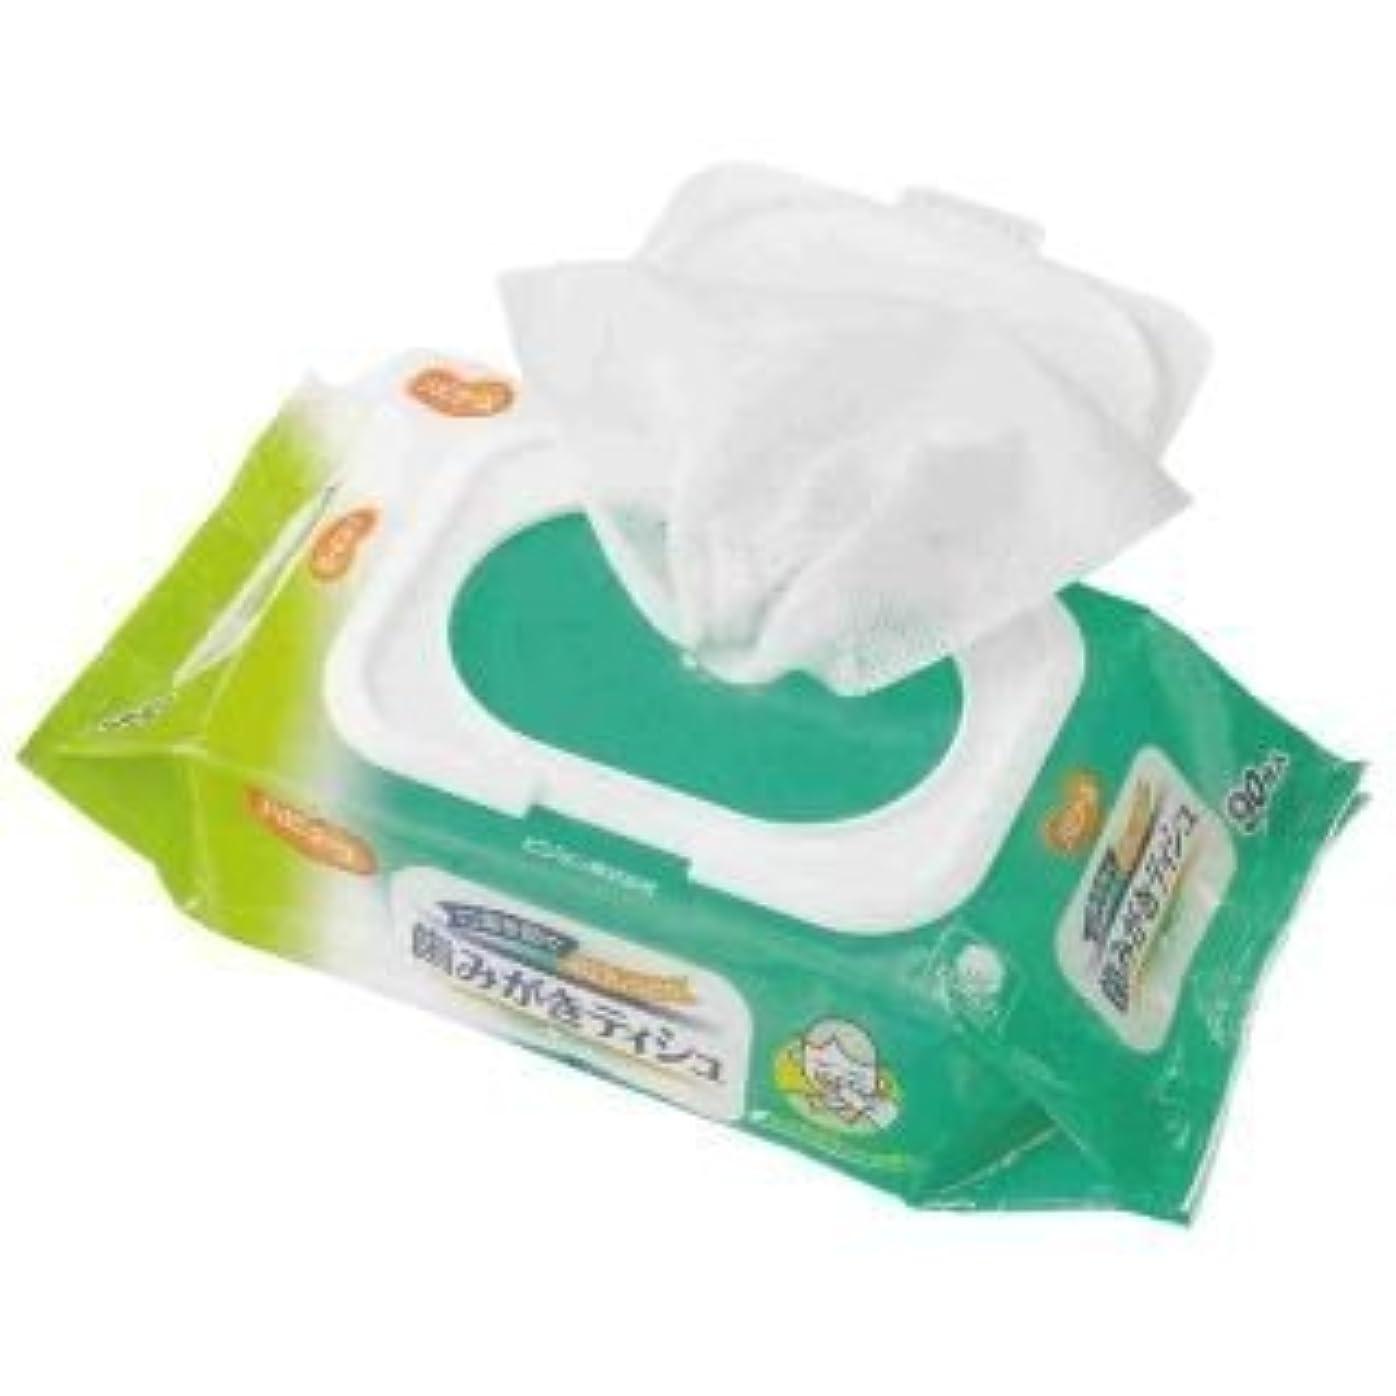 骨髄ゴミ干ばつ口臭を防ぐ&お口しっとり!ふきとりやすいコットンメッシュシート!お口が乾燥して、お口の臭いが気になるときに!歯みがきティシュ 90枚入【4個セット】